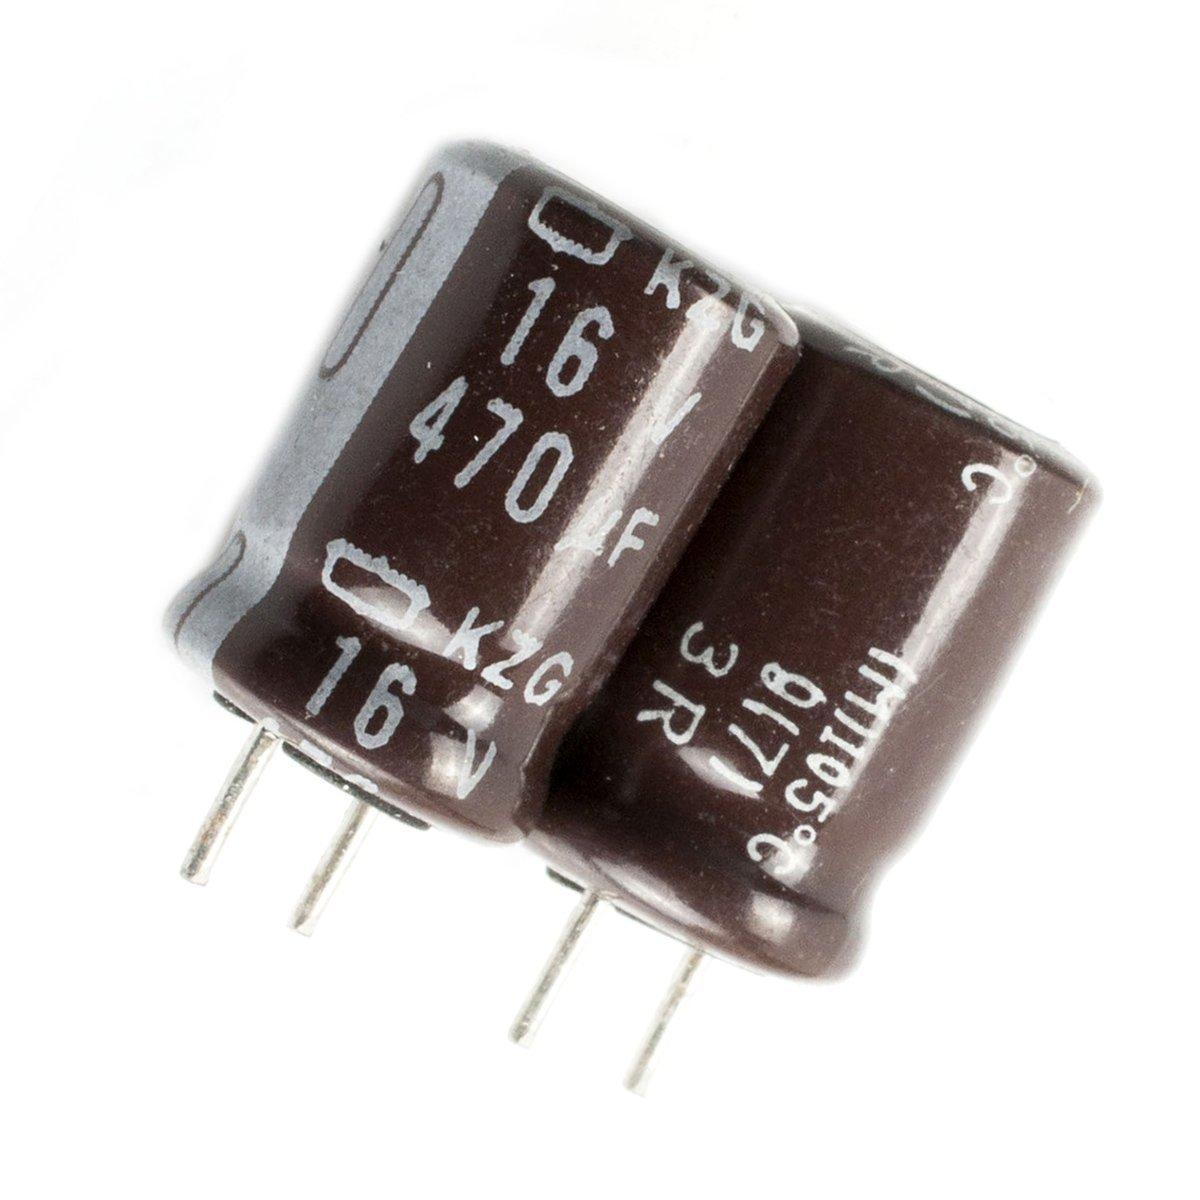 condensatore elettrolitico 2x Nichicon KT /'/'Audio/'/' 470uF 16V UKT1C471MPD